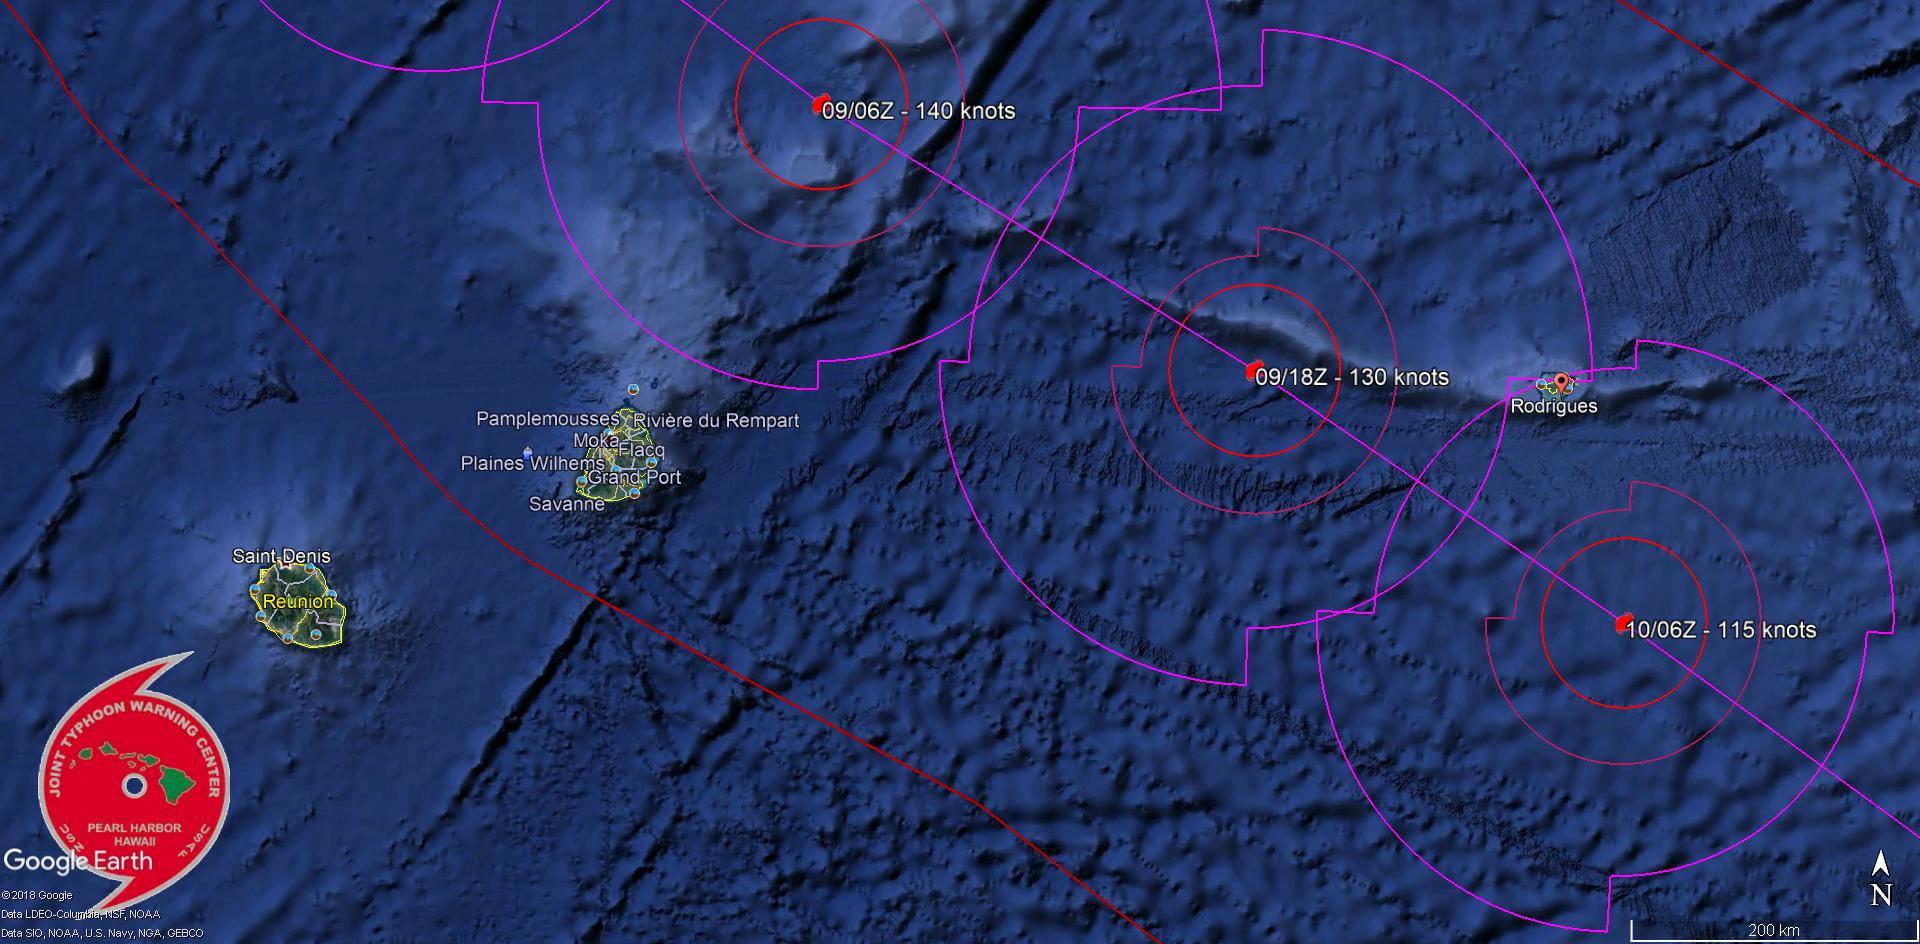 Prévisions de trajectoire et d'intensité du JTWC. Le cyclone intense voire très intense GELENA pourrait passer à environ 230km de Maurice et une centaine de kms de Rodrigues. La prévision sera ajustée en temps réel toutes les 6 heures.